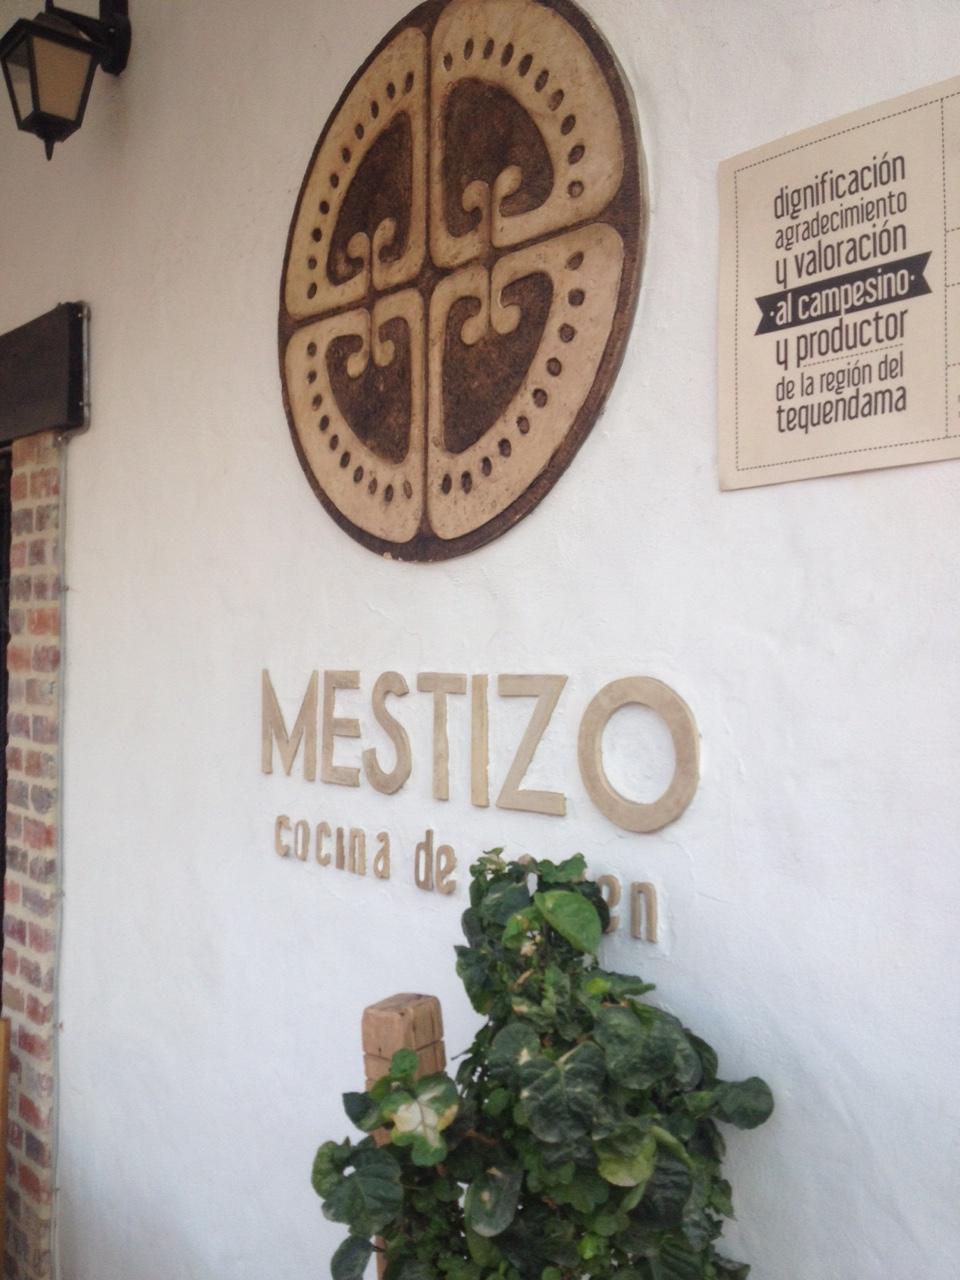 Restaurante Mestizo en Mesitas de El Colegio